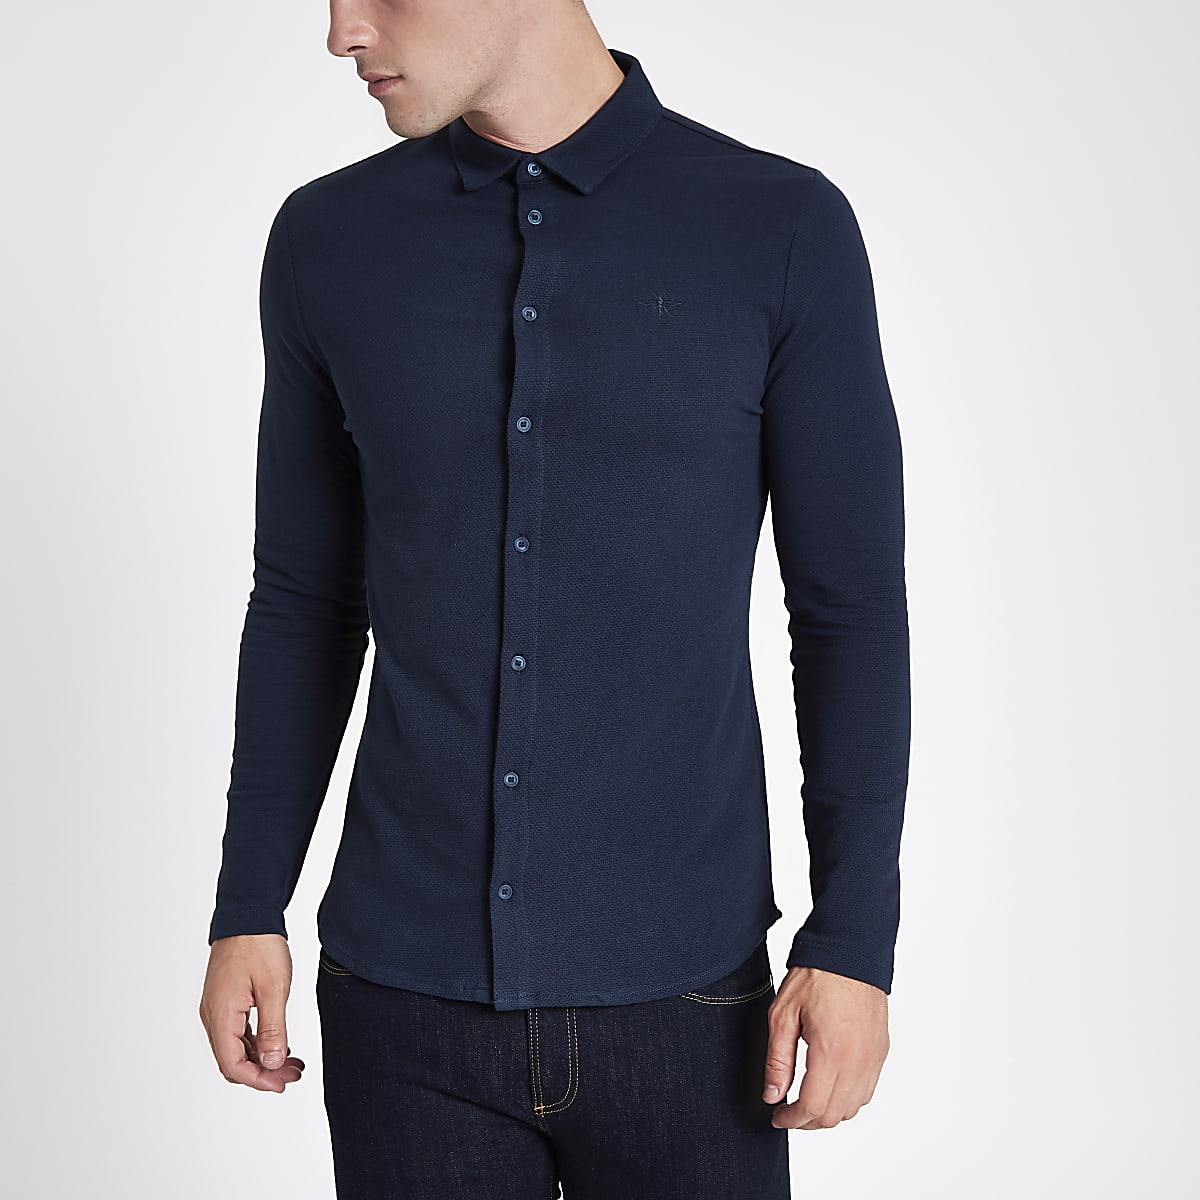 Navy textured button-up long sleeve shirt